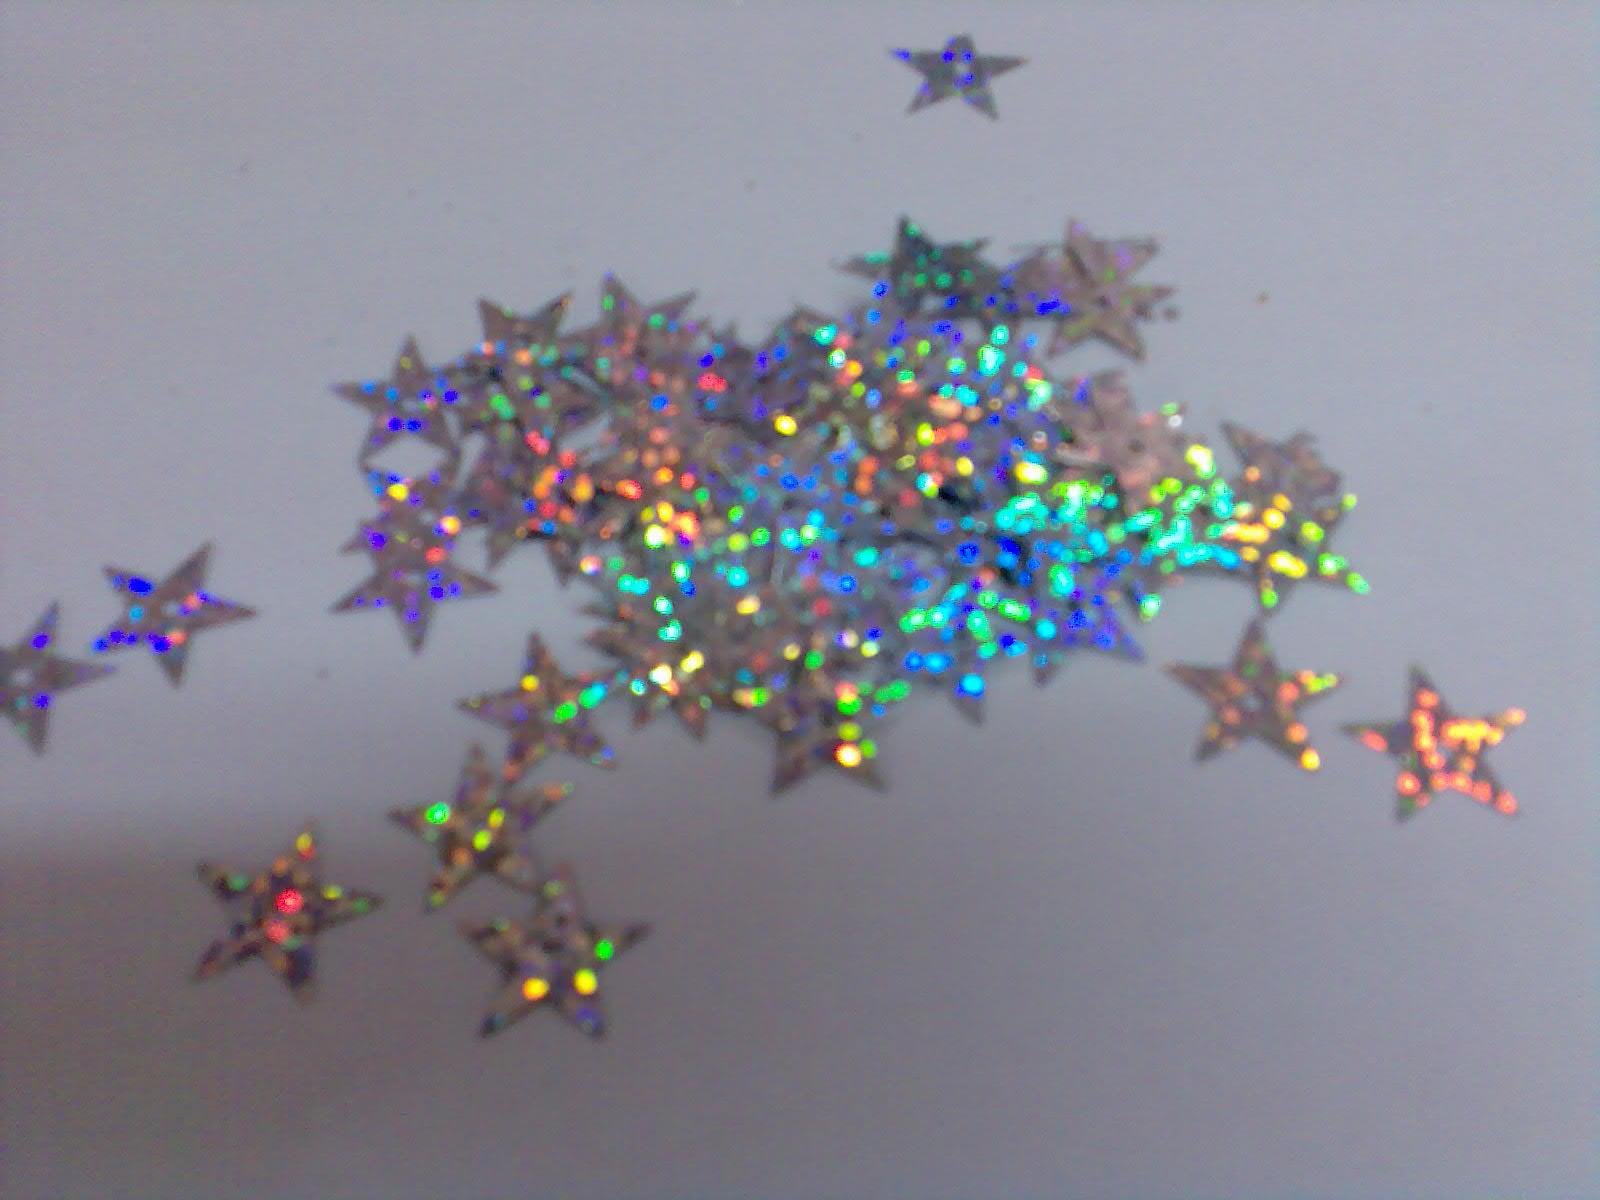 供应圣诞工艺品专用金葱粉圣诞贺卡专用金葱粉圣诞礼品专用金葱粉